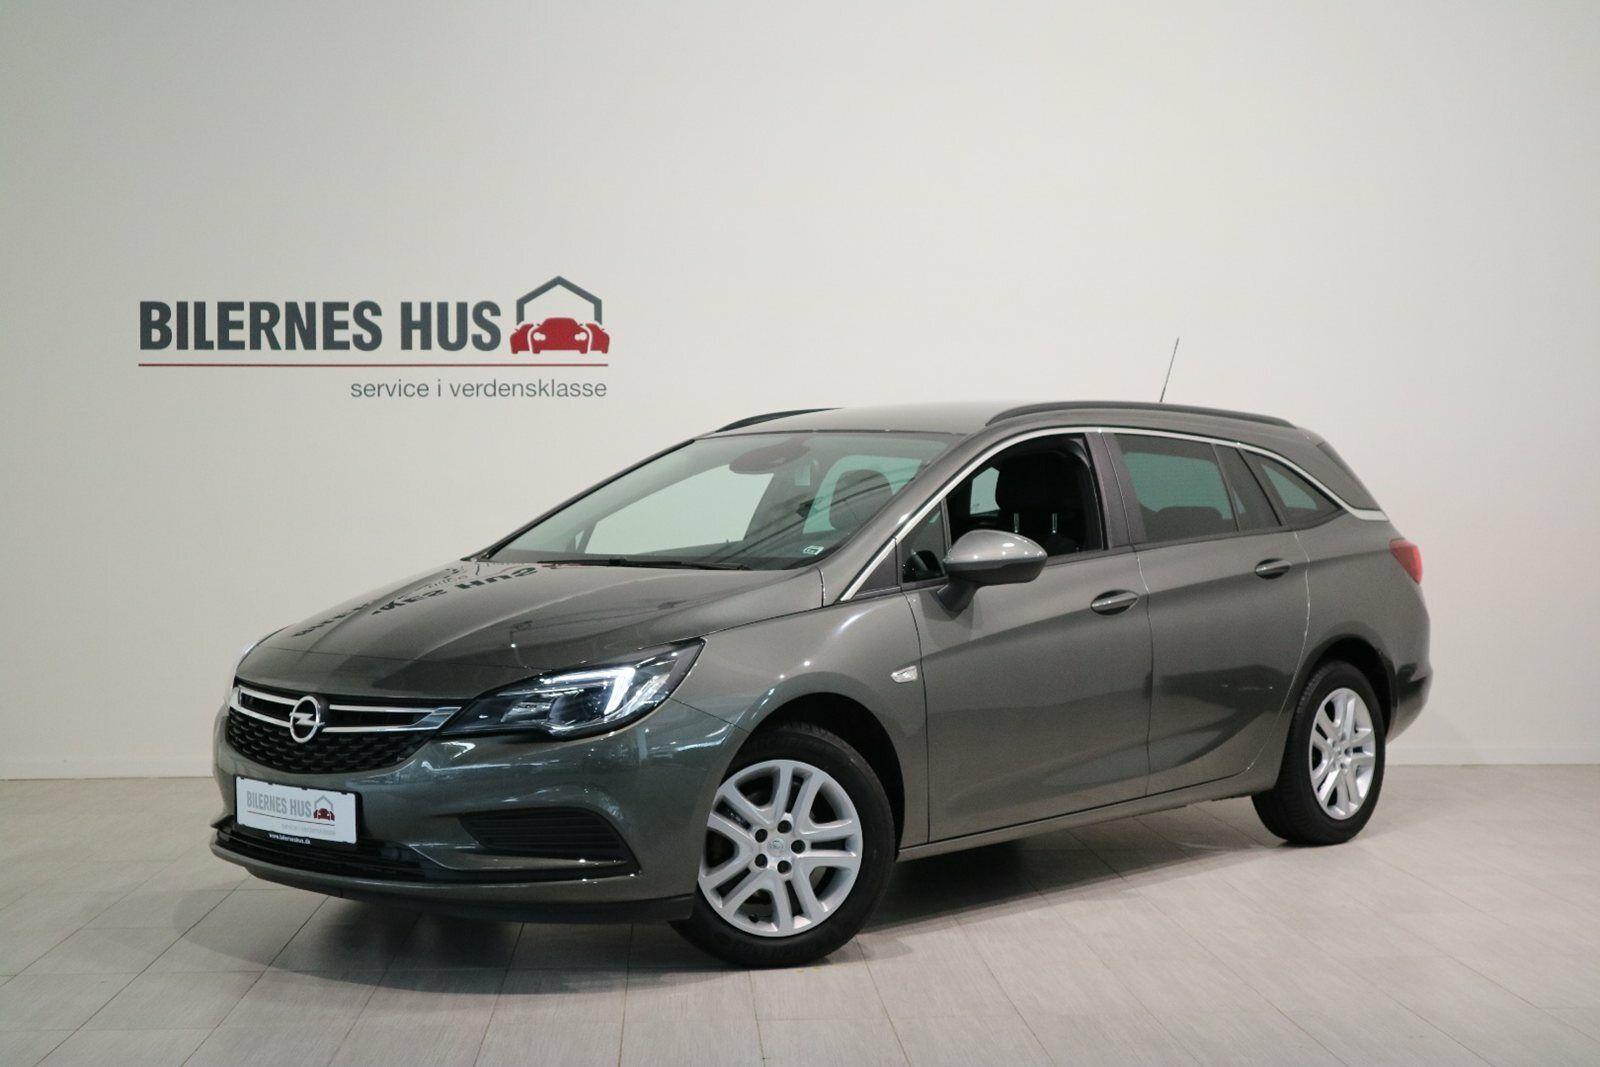 Opel Astra Billede 4